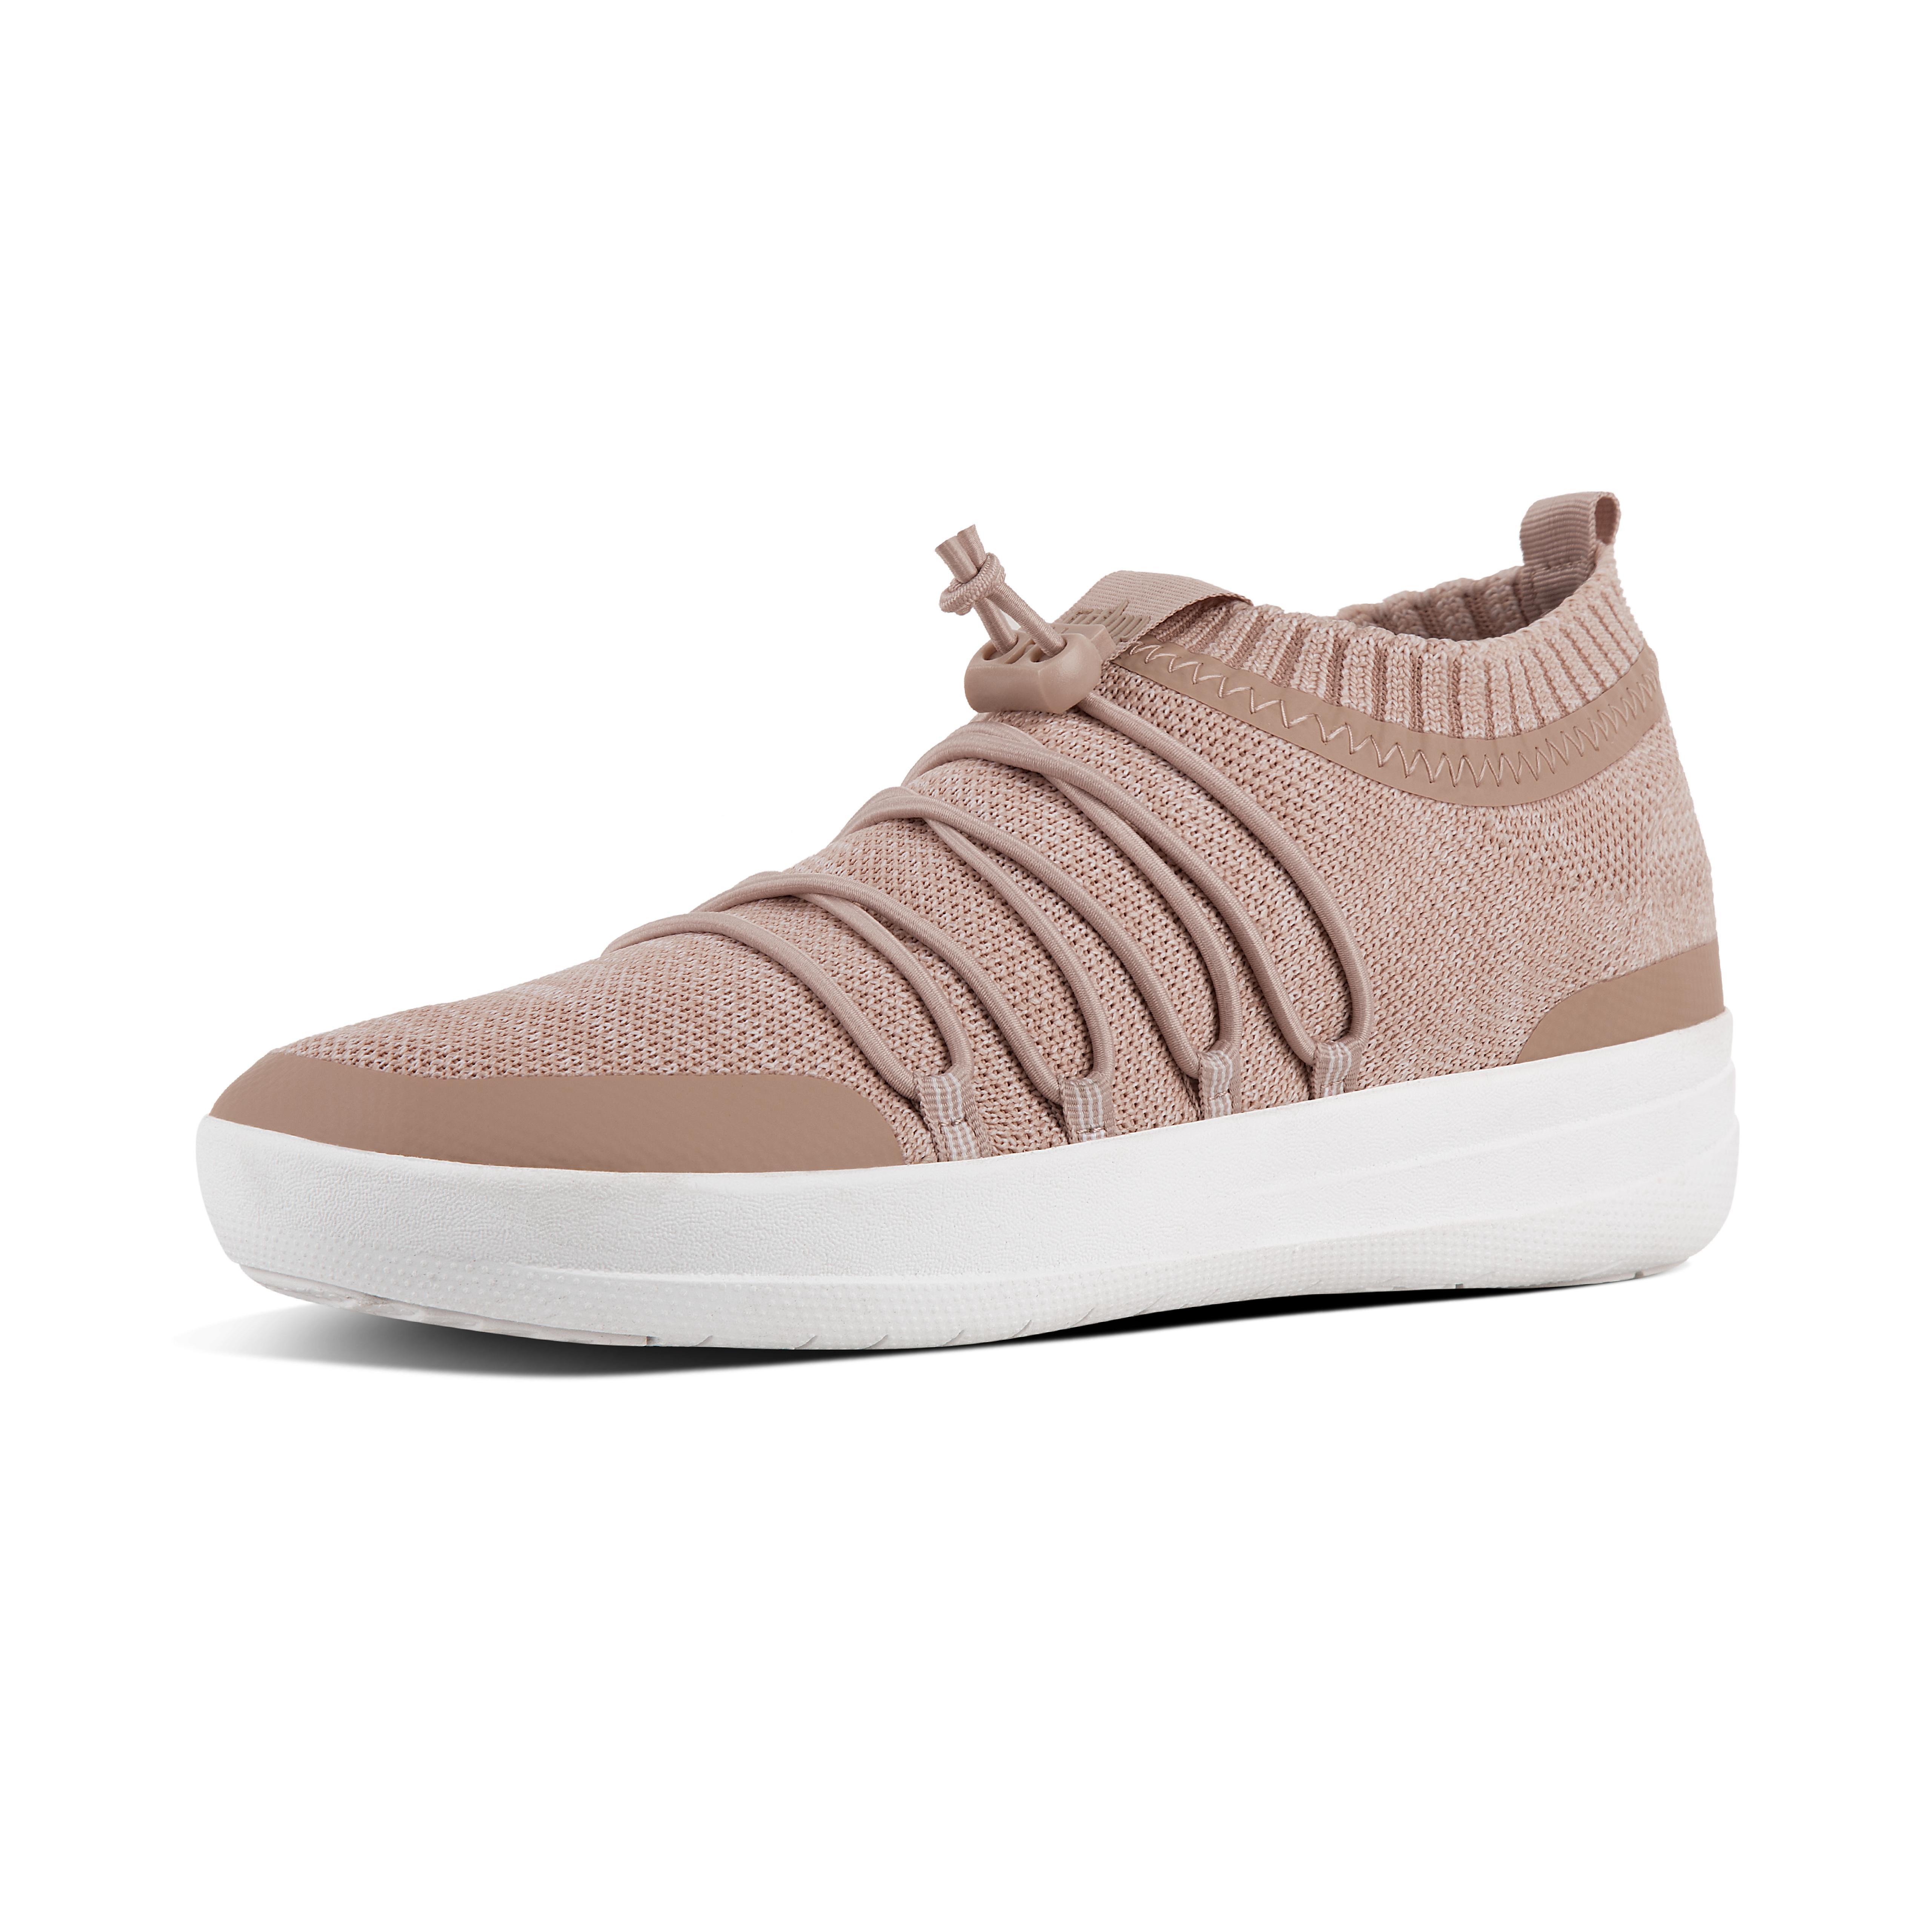 Uma uberknit slip on ghillie sneakers neon blush urban white l26 570